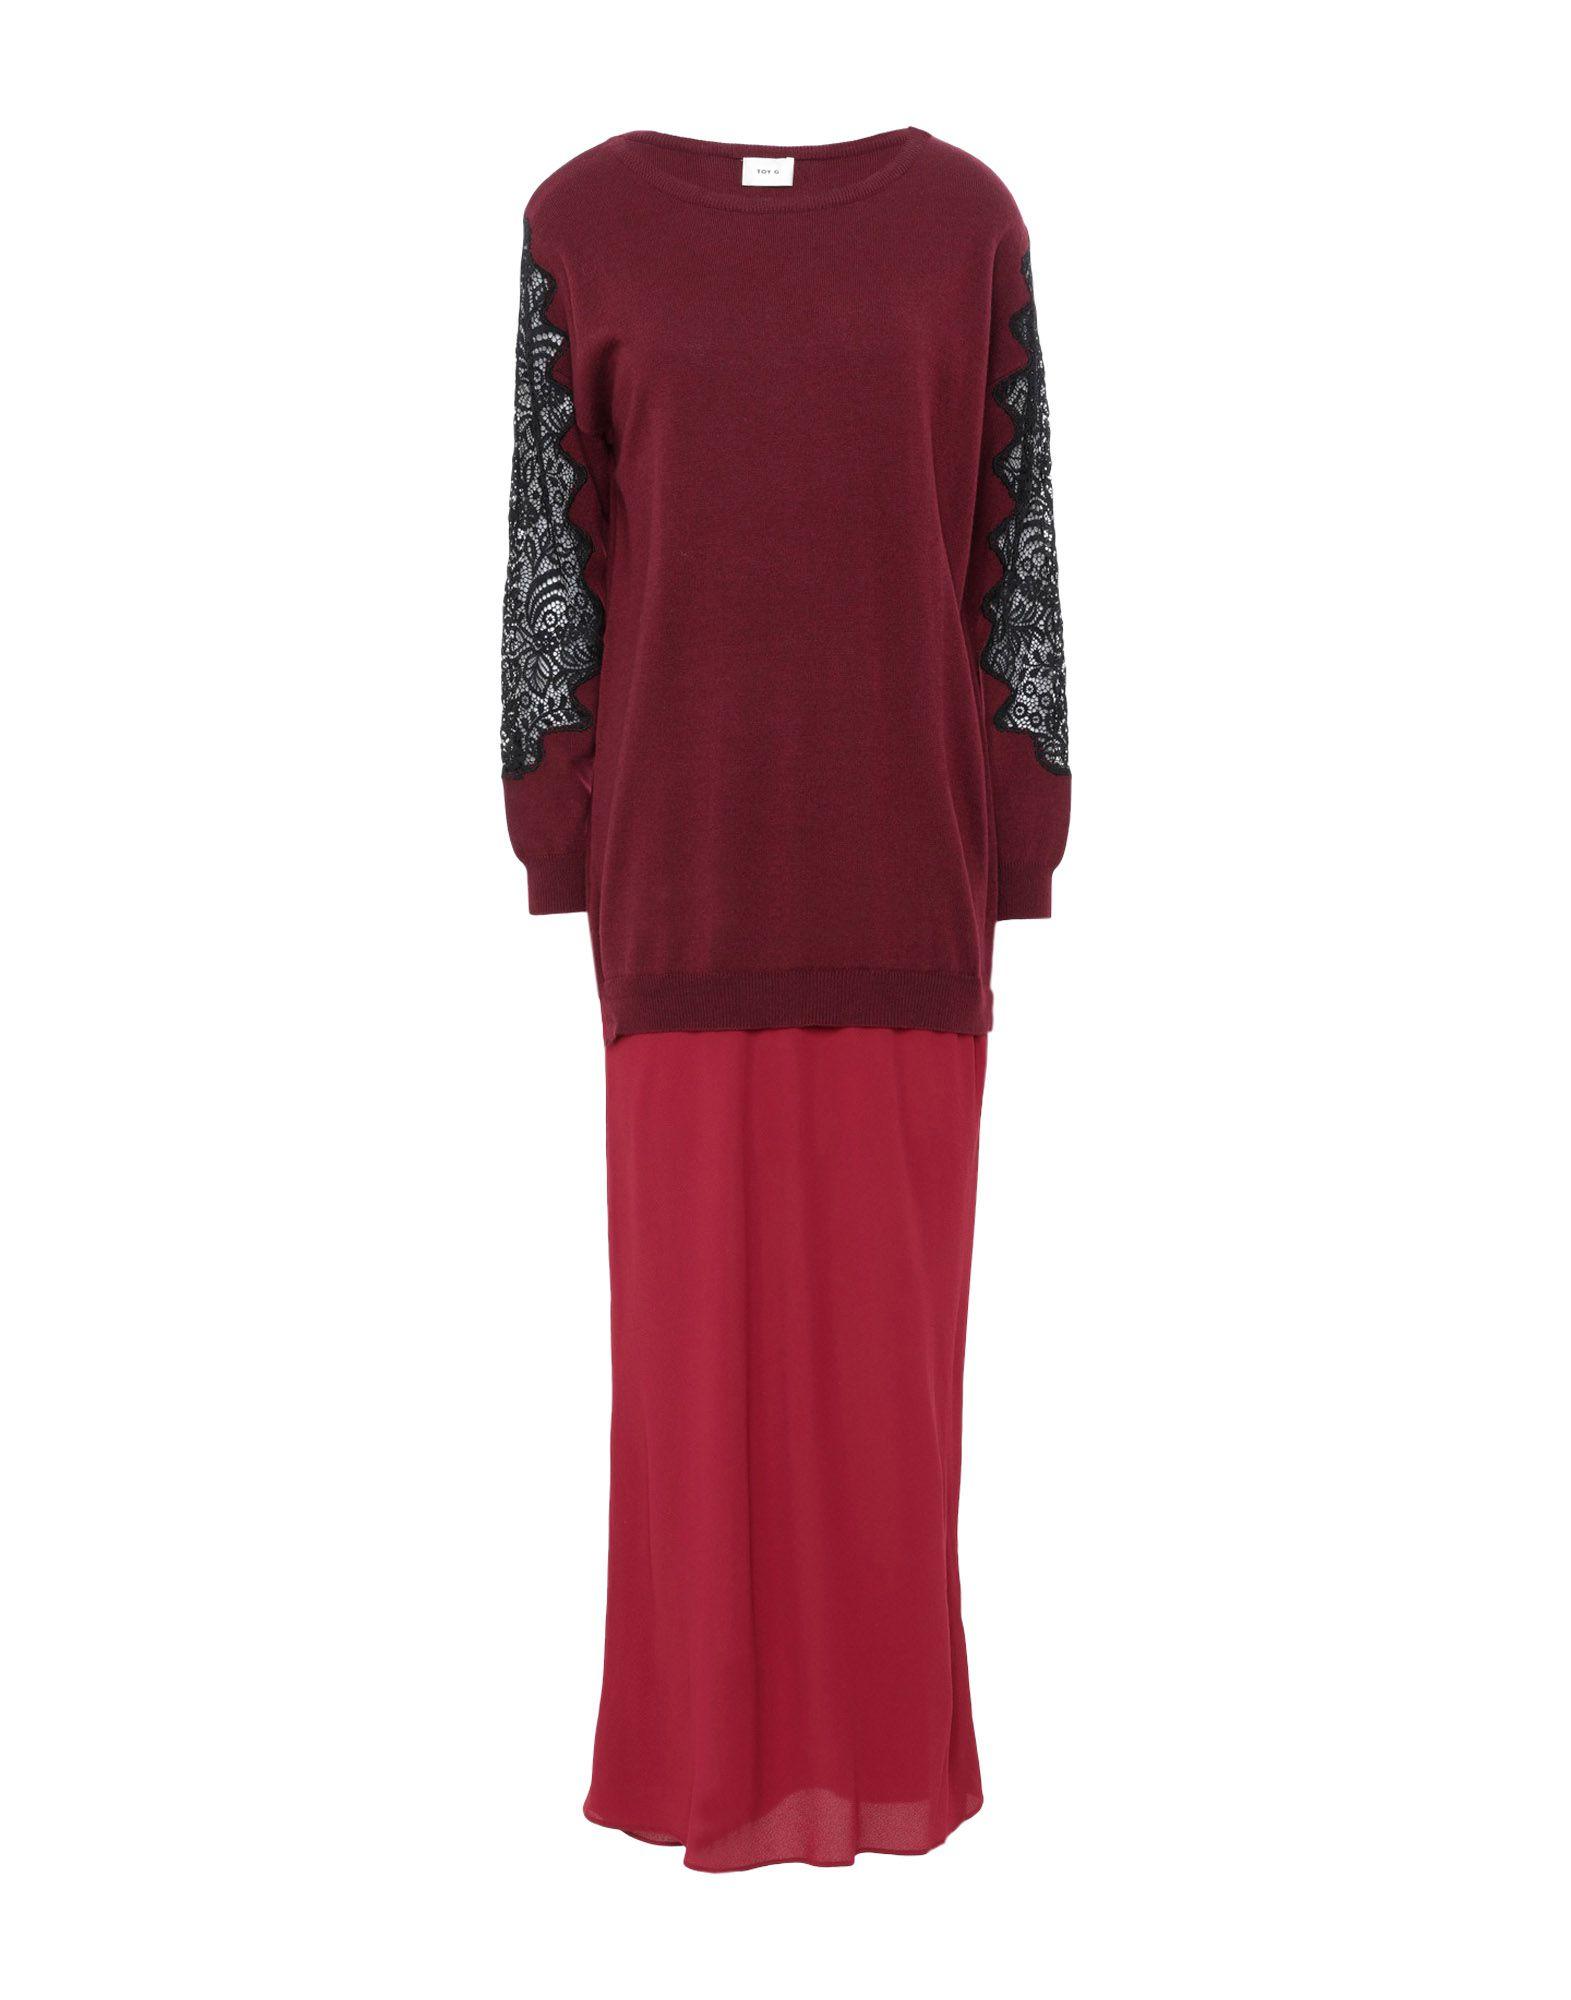 TOY G. Платье длиной 3/4 g na юбка длиной 3 4